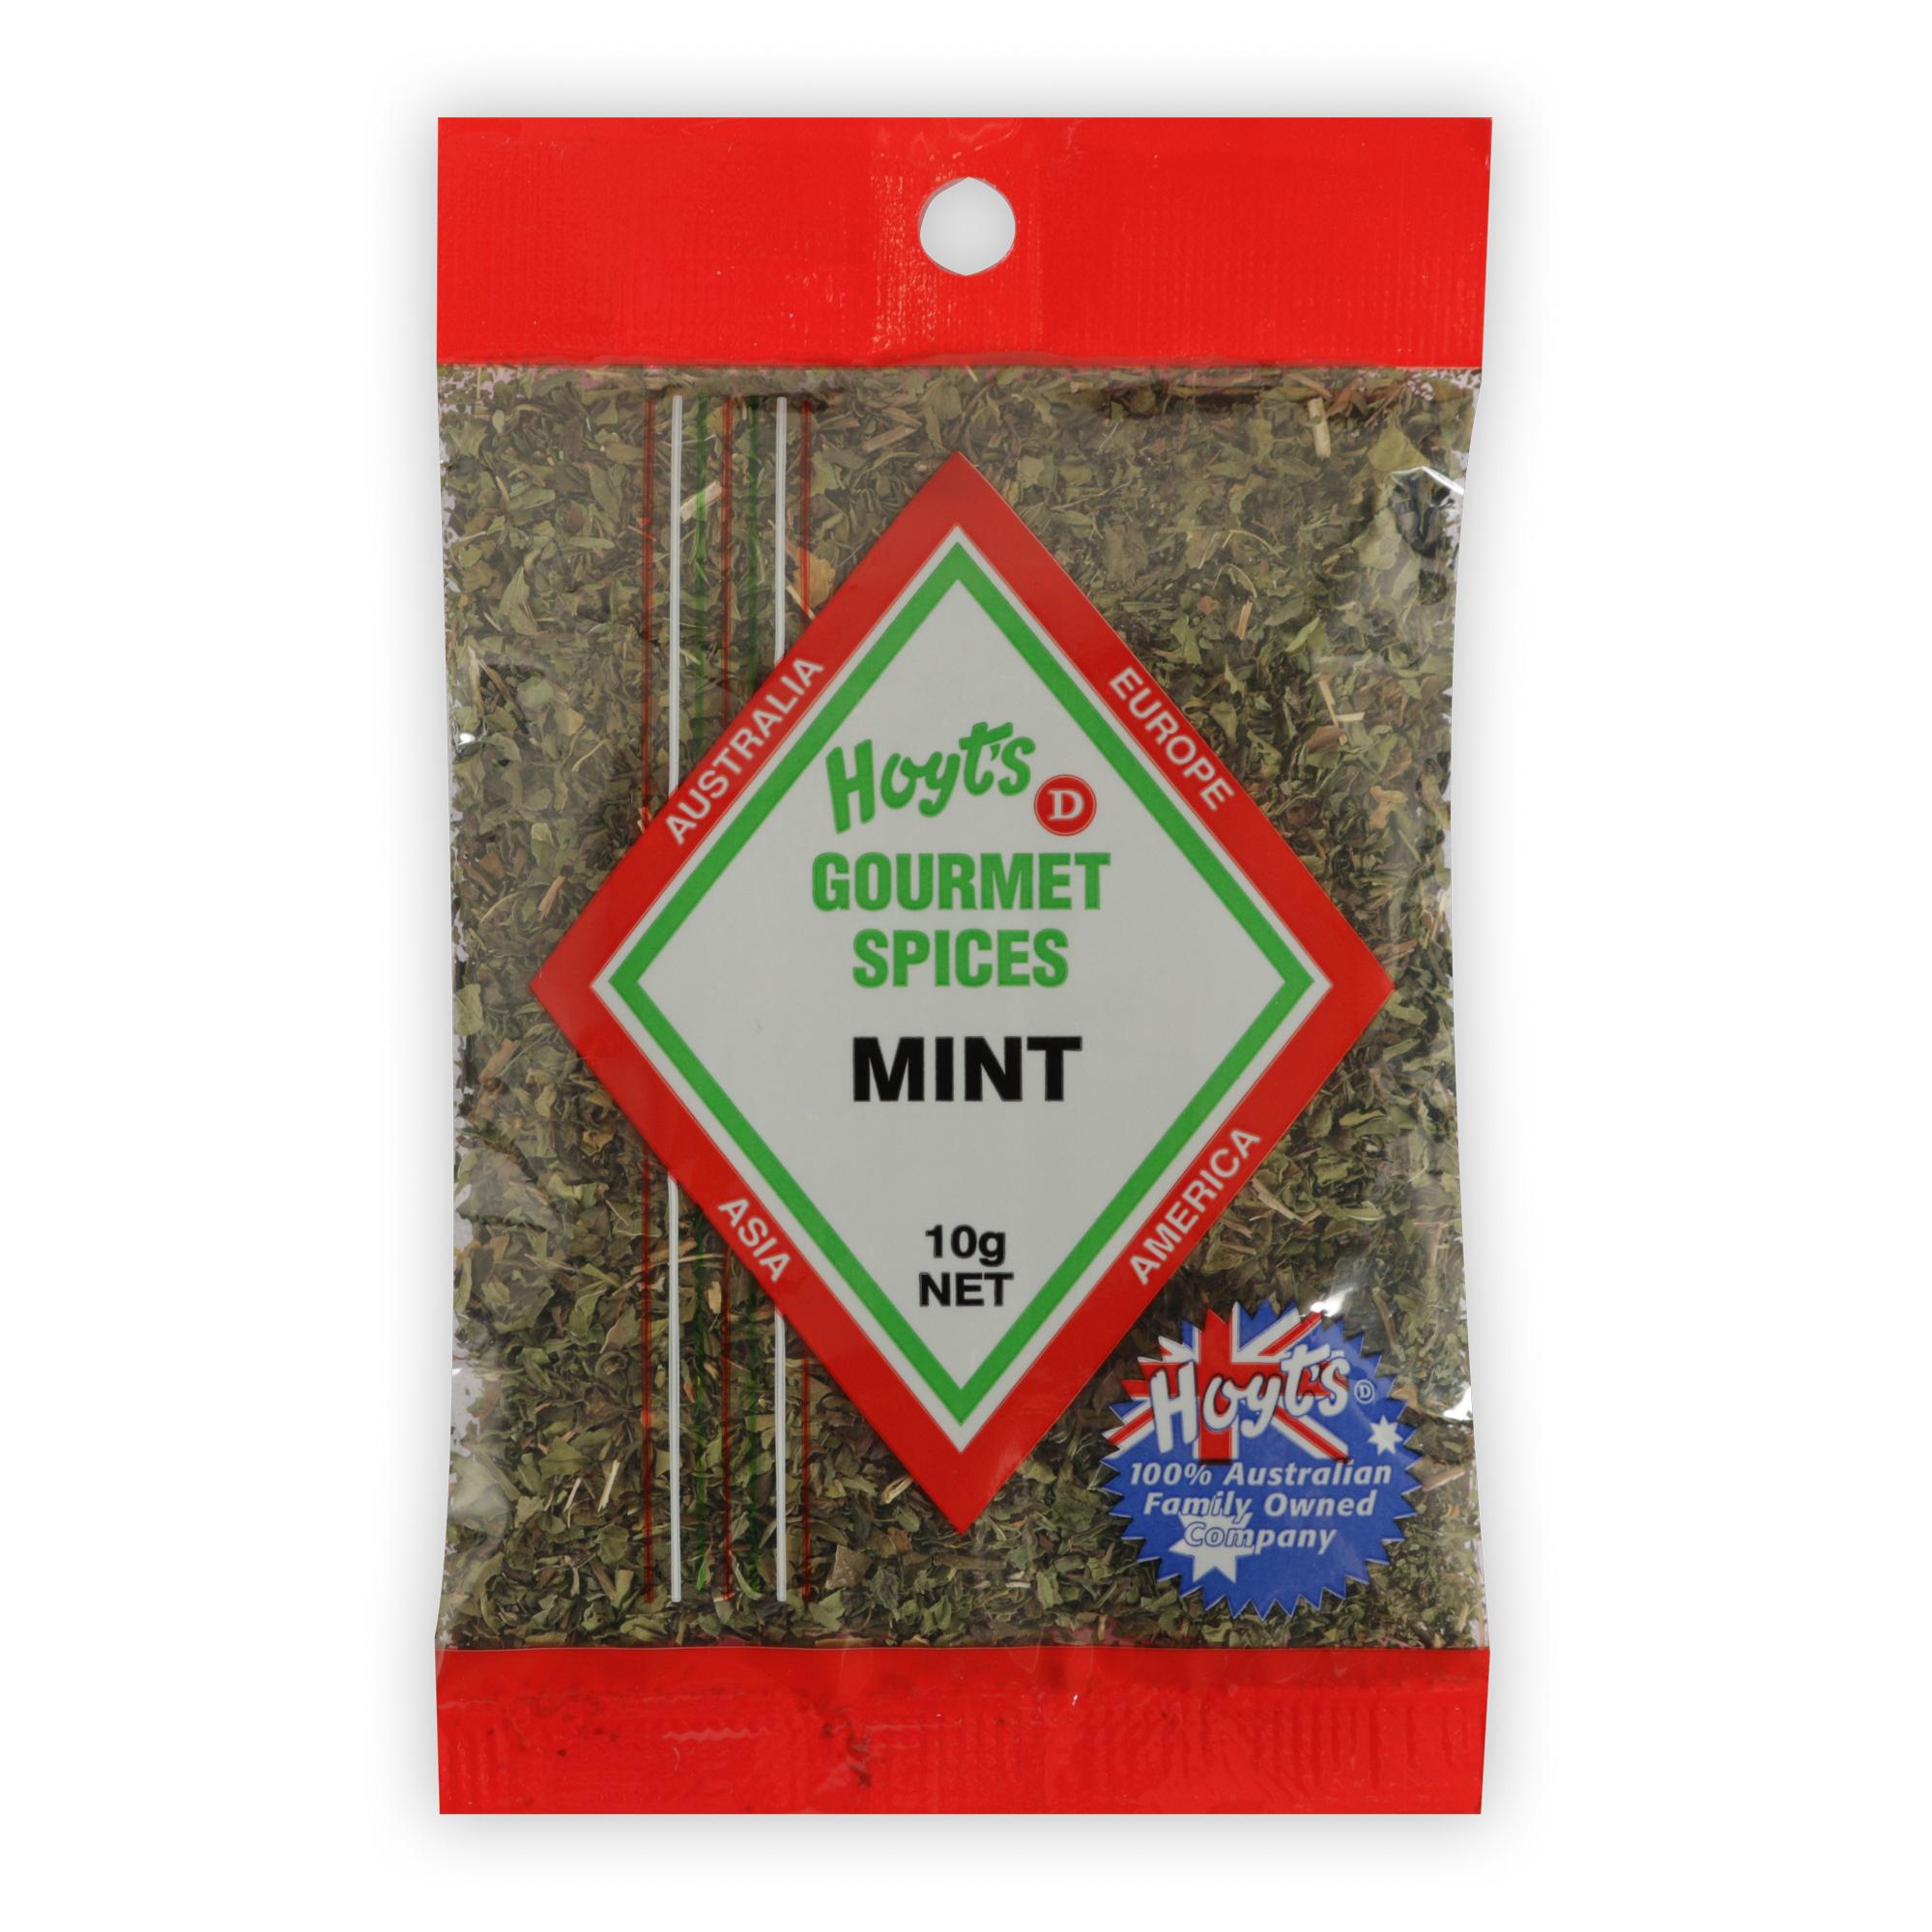 Hoyts Gourmet Mint 10g